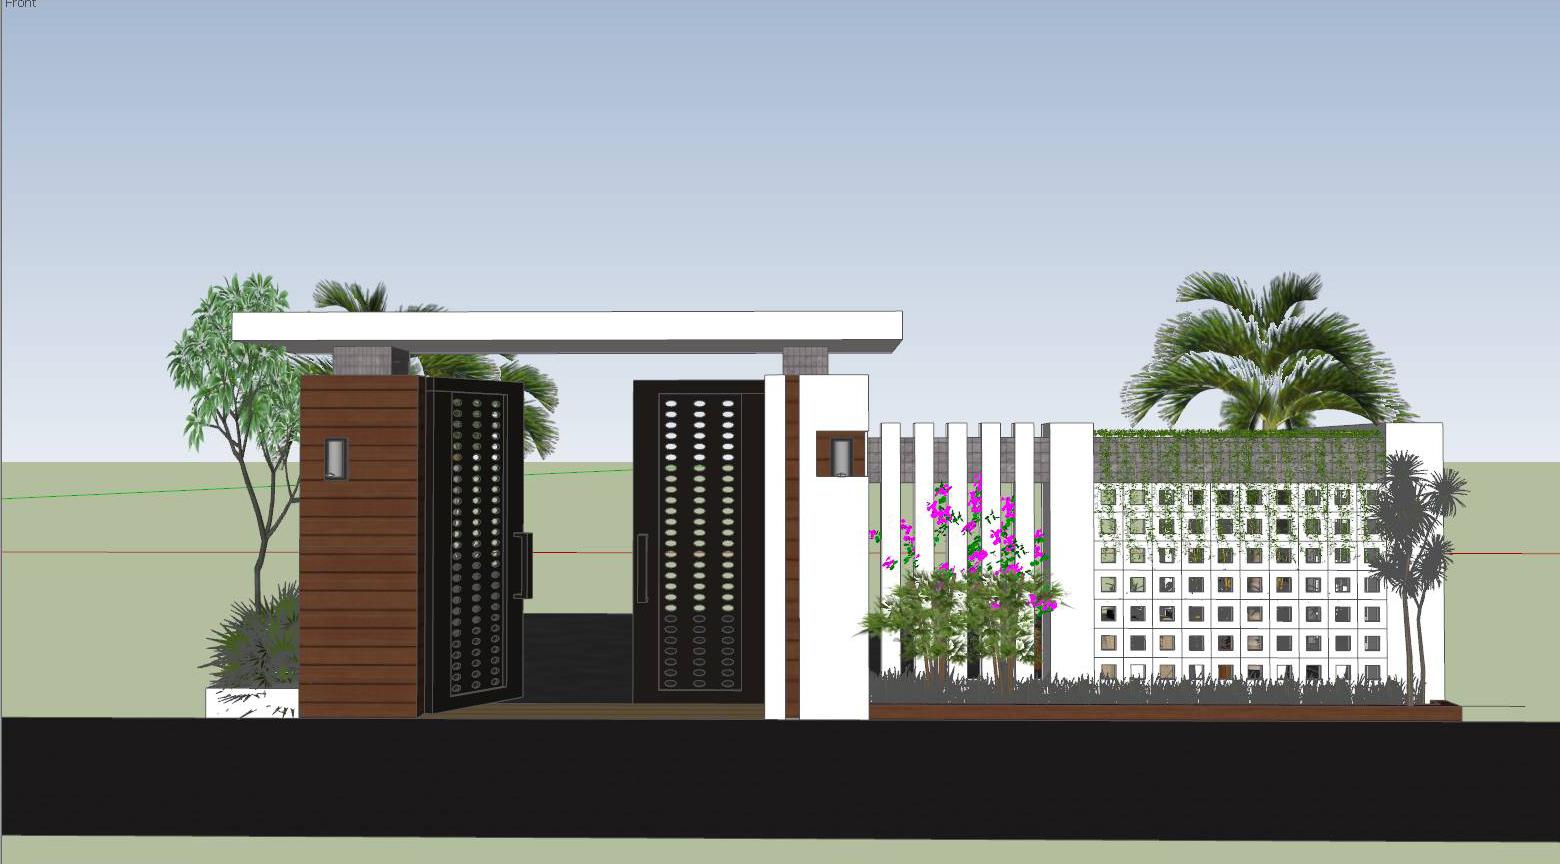 thiết kế mặt đứng cổng tường rào hiện đại